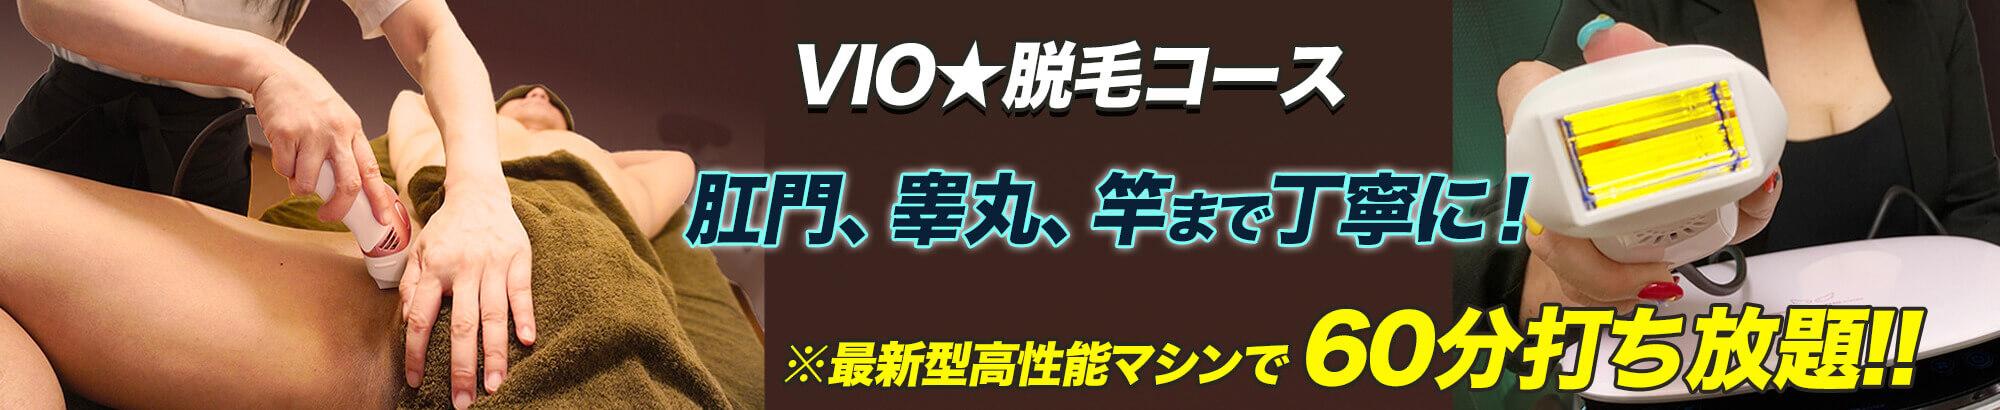 風俗マッサージのコロナ対策!N95マスク|名古屋出張マッサージ委員会